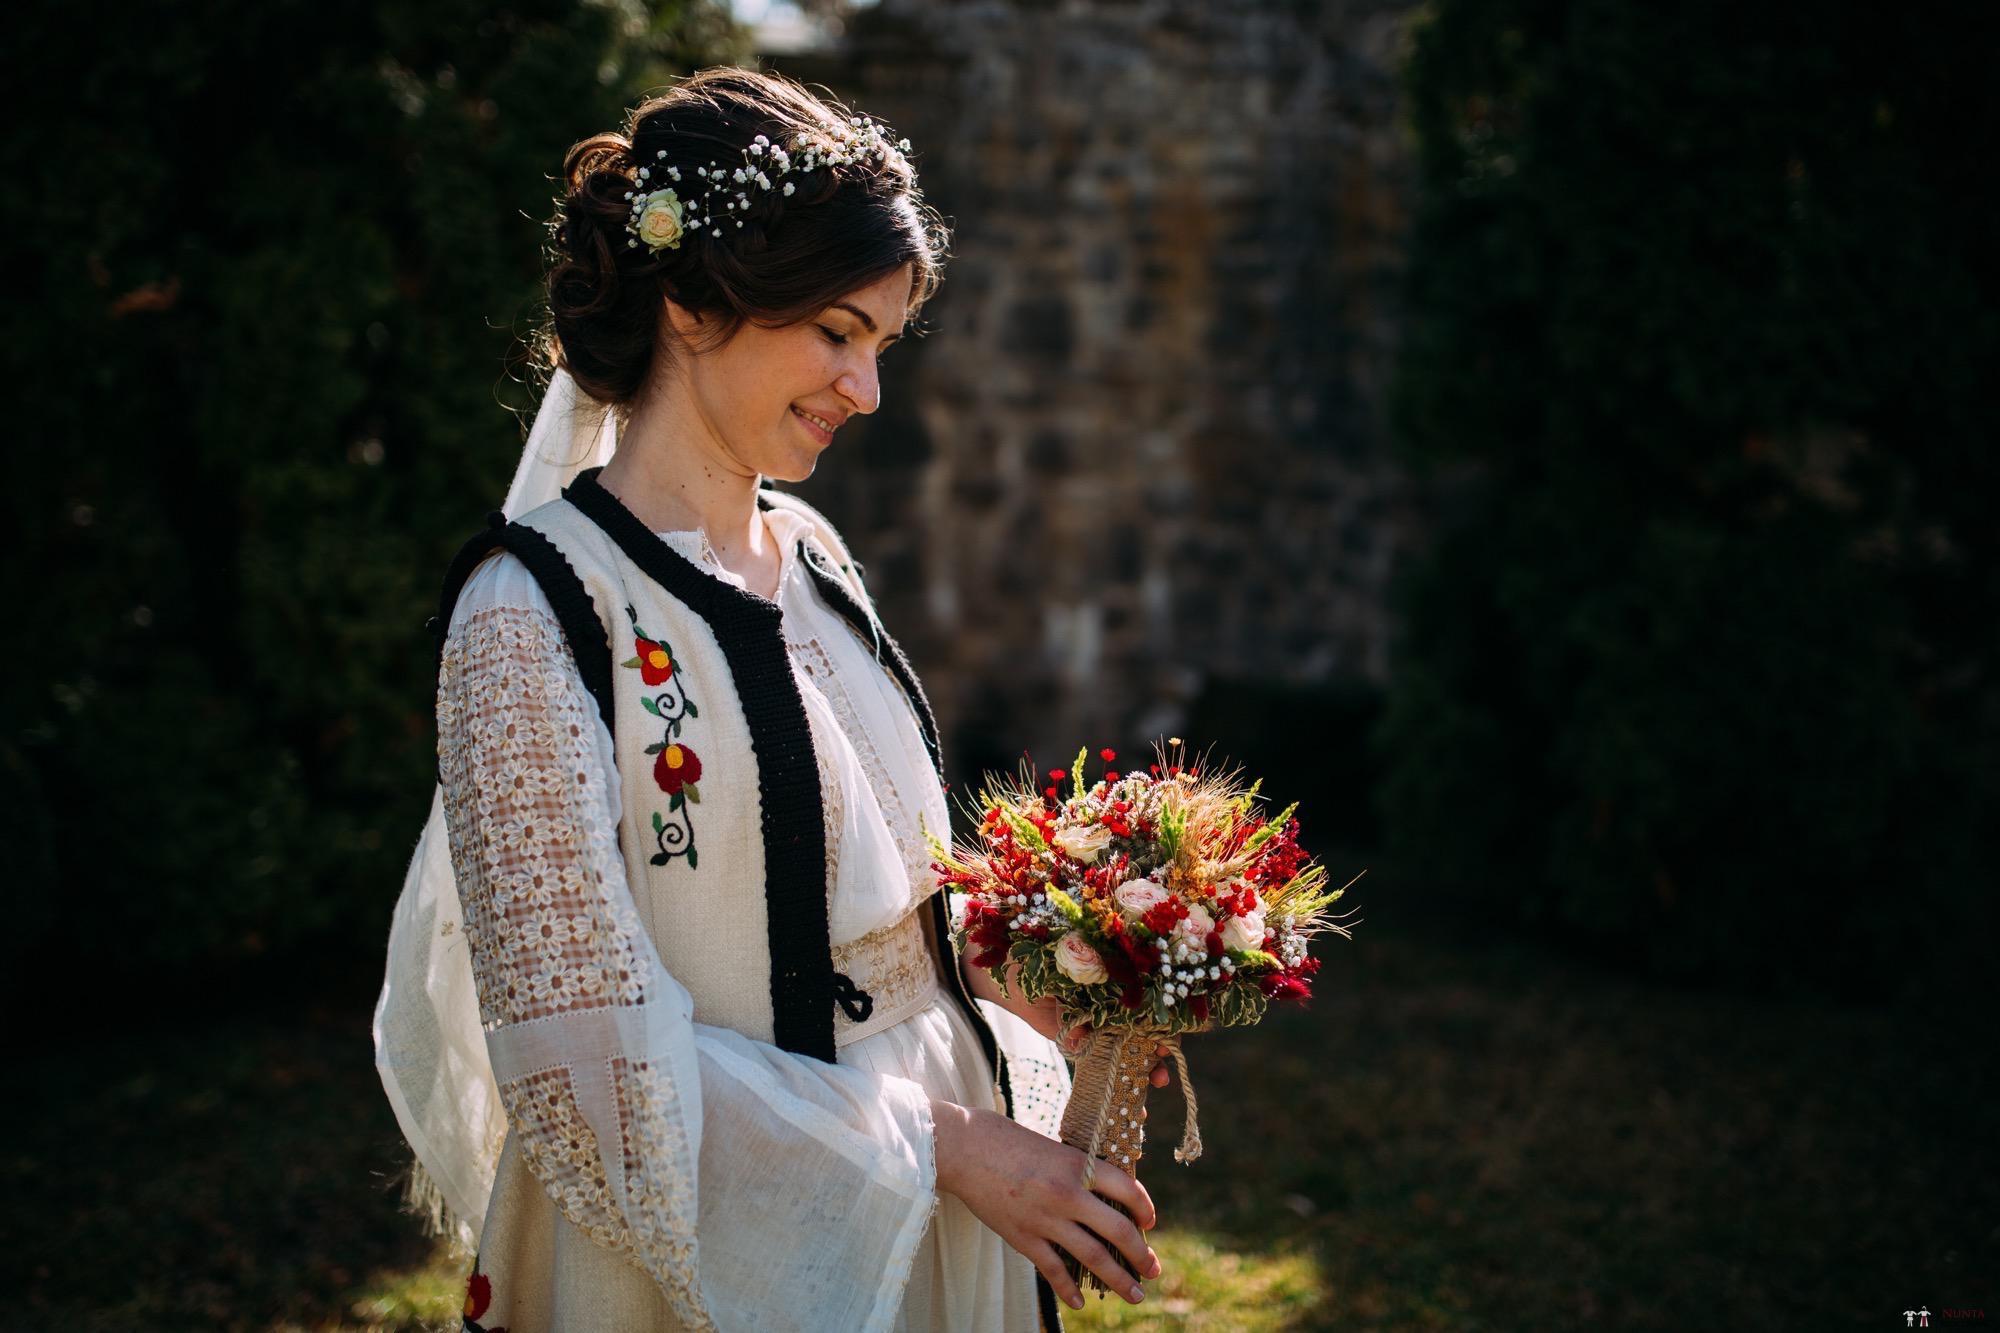 Povești Nunți Tradiționale - Gabriela și Adrian. Nuntă tradițională în Piatra Neamț 11